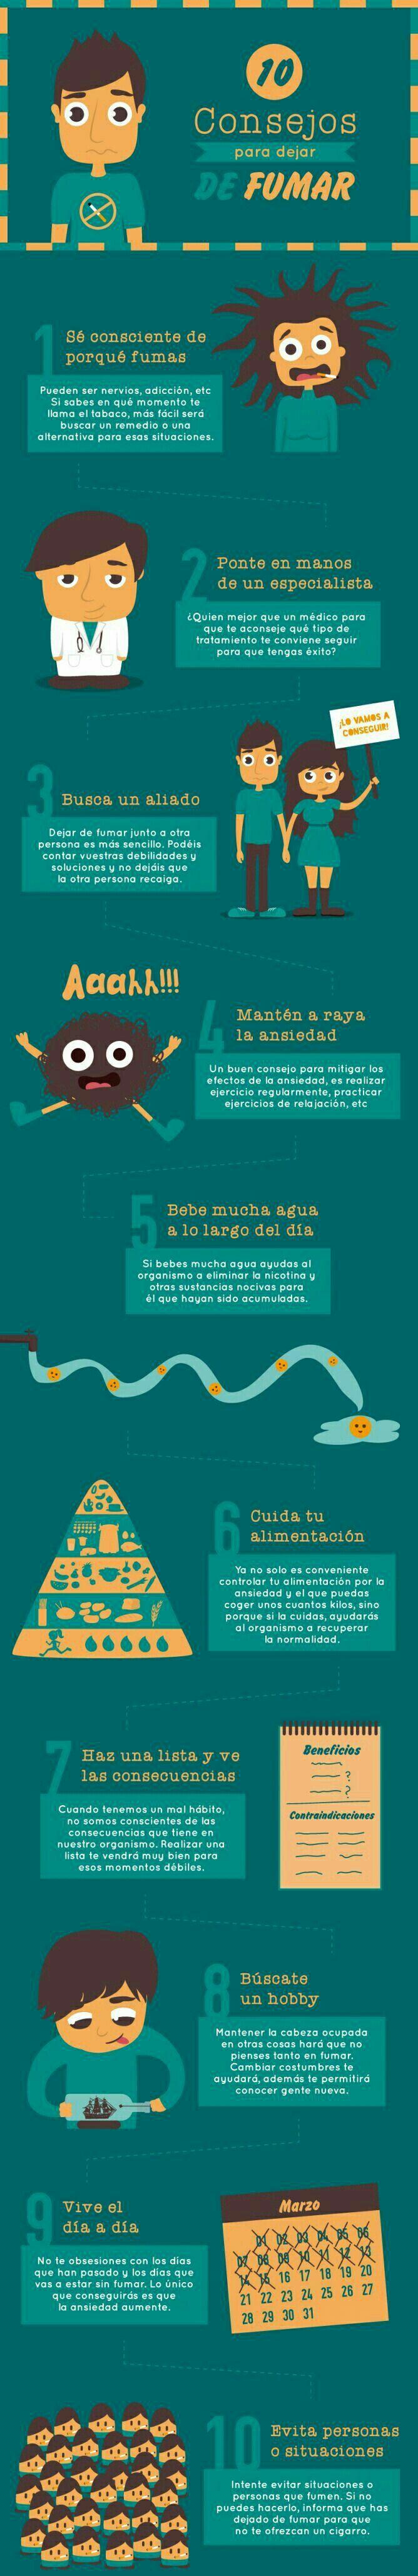 Sigue estos #consejos efectivos para dejar de #fumar. #ConsejosParaDejarDeFumar #Salud